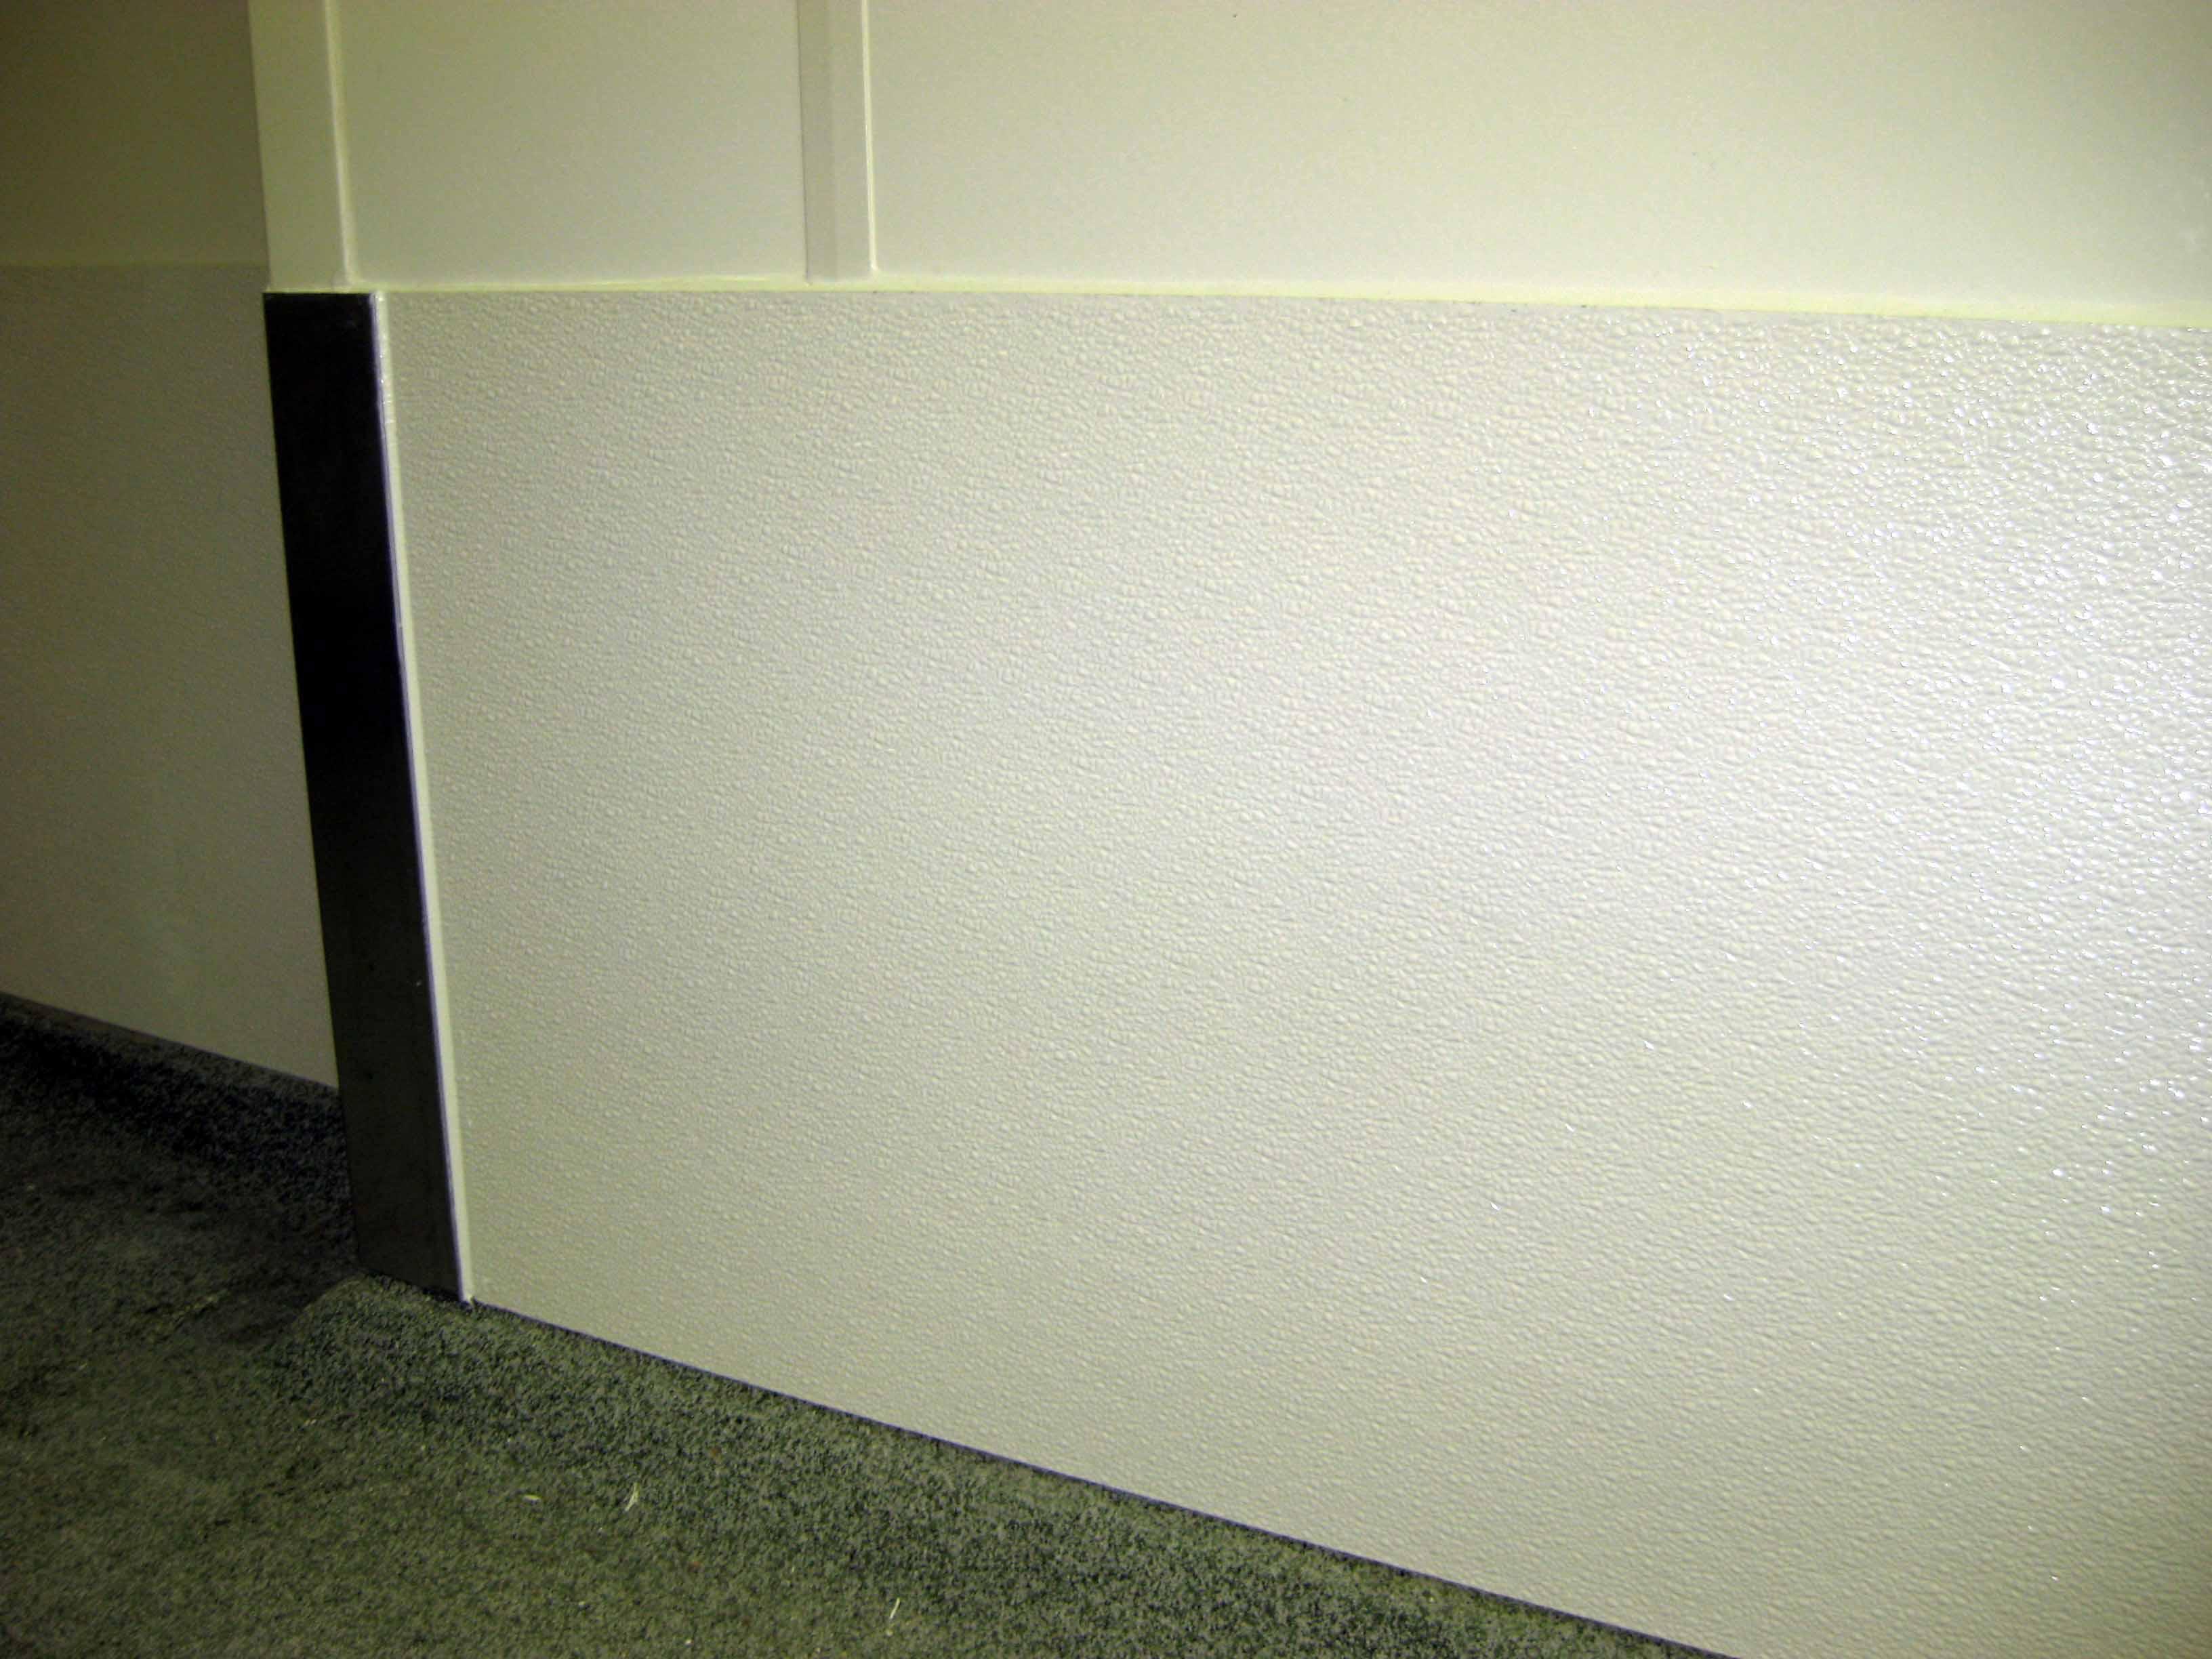 Rammschutz aus kunststoff farben unsere grauen als wand und rammschutz in garagen und - Wandschutz kunststoff ...